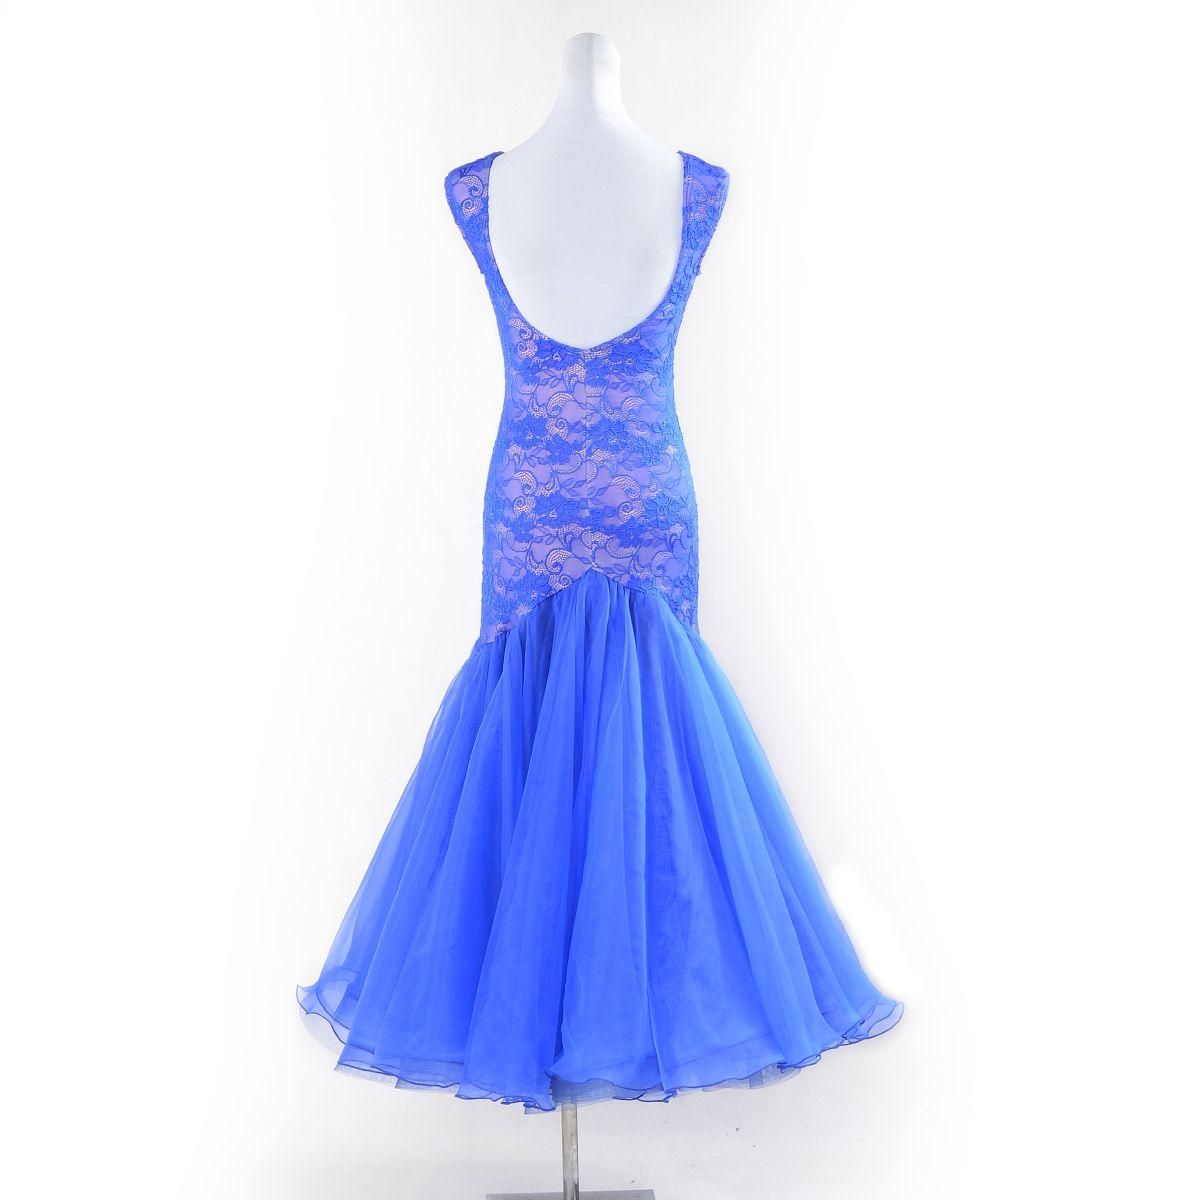 НОВЫЙ синий стандарт бальное платье женщина бальные танцы конкурс платья сексуальные кружева без рукавов вальс фокстрот румба платье современного танца